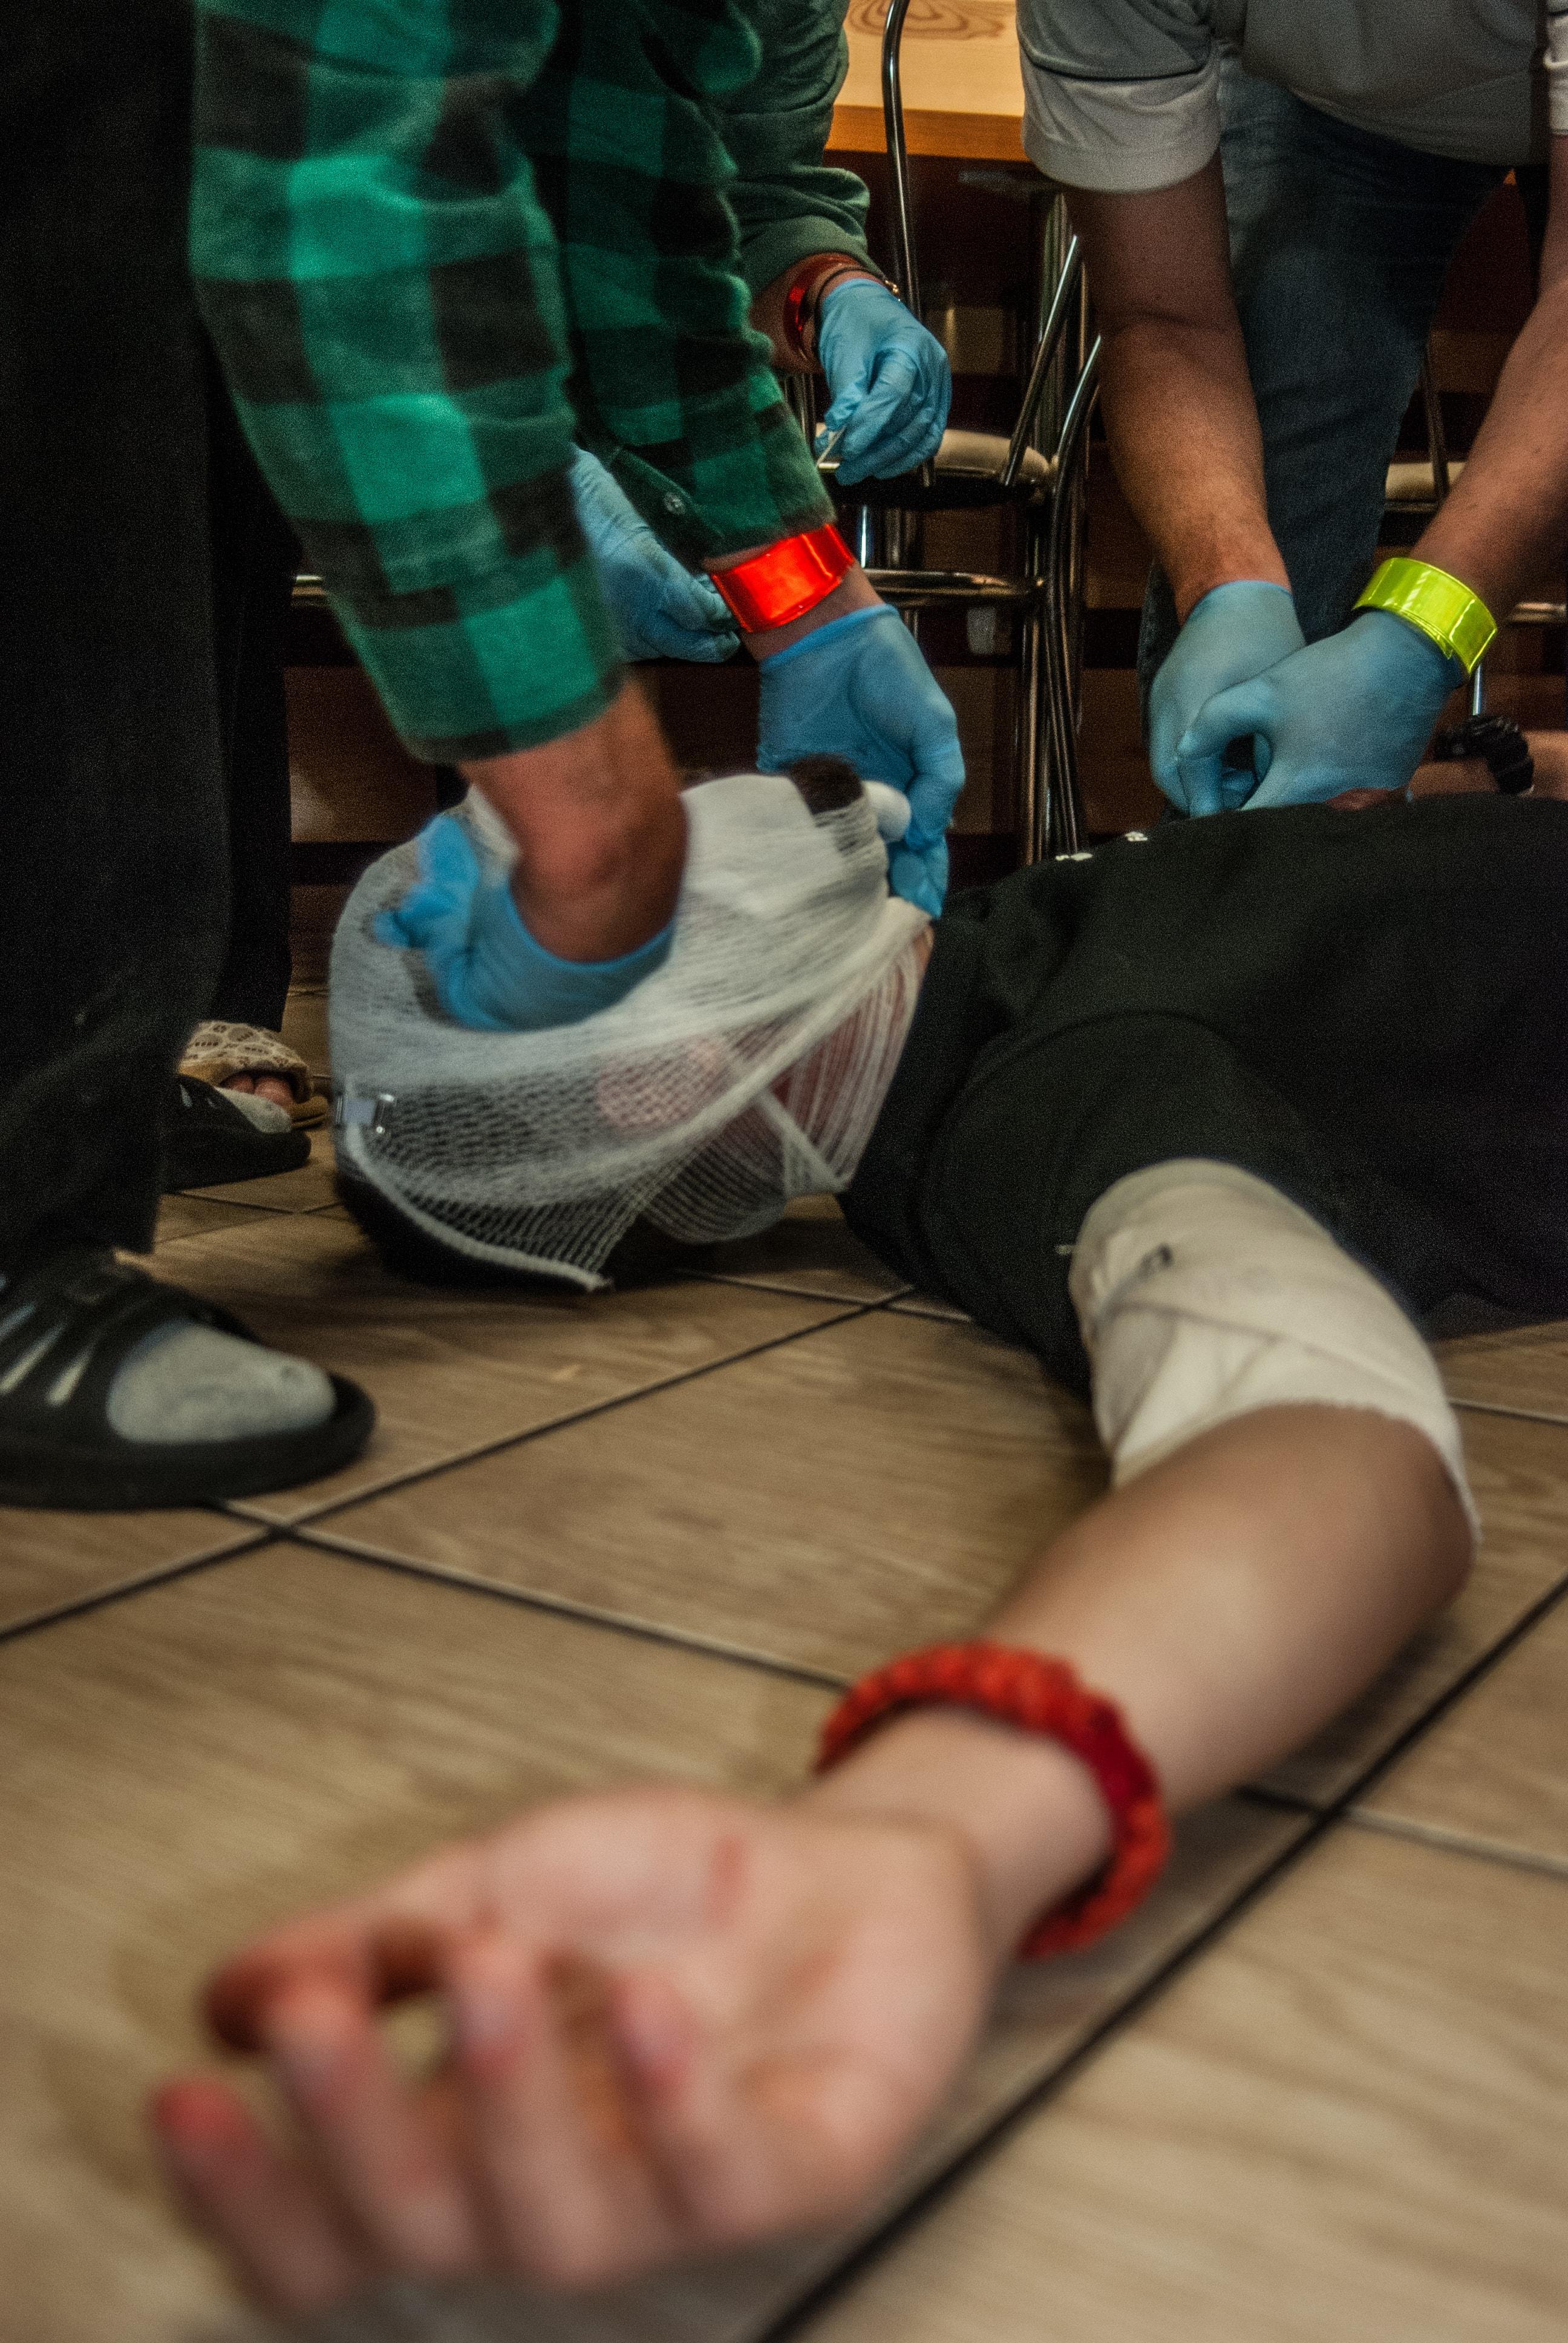 pierwsza pomoc rana twarzy, opatrywanie ran, otarcie, rana otwarta, rescue